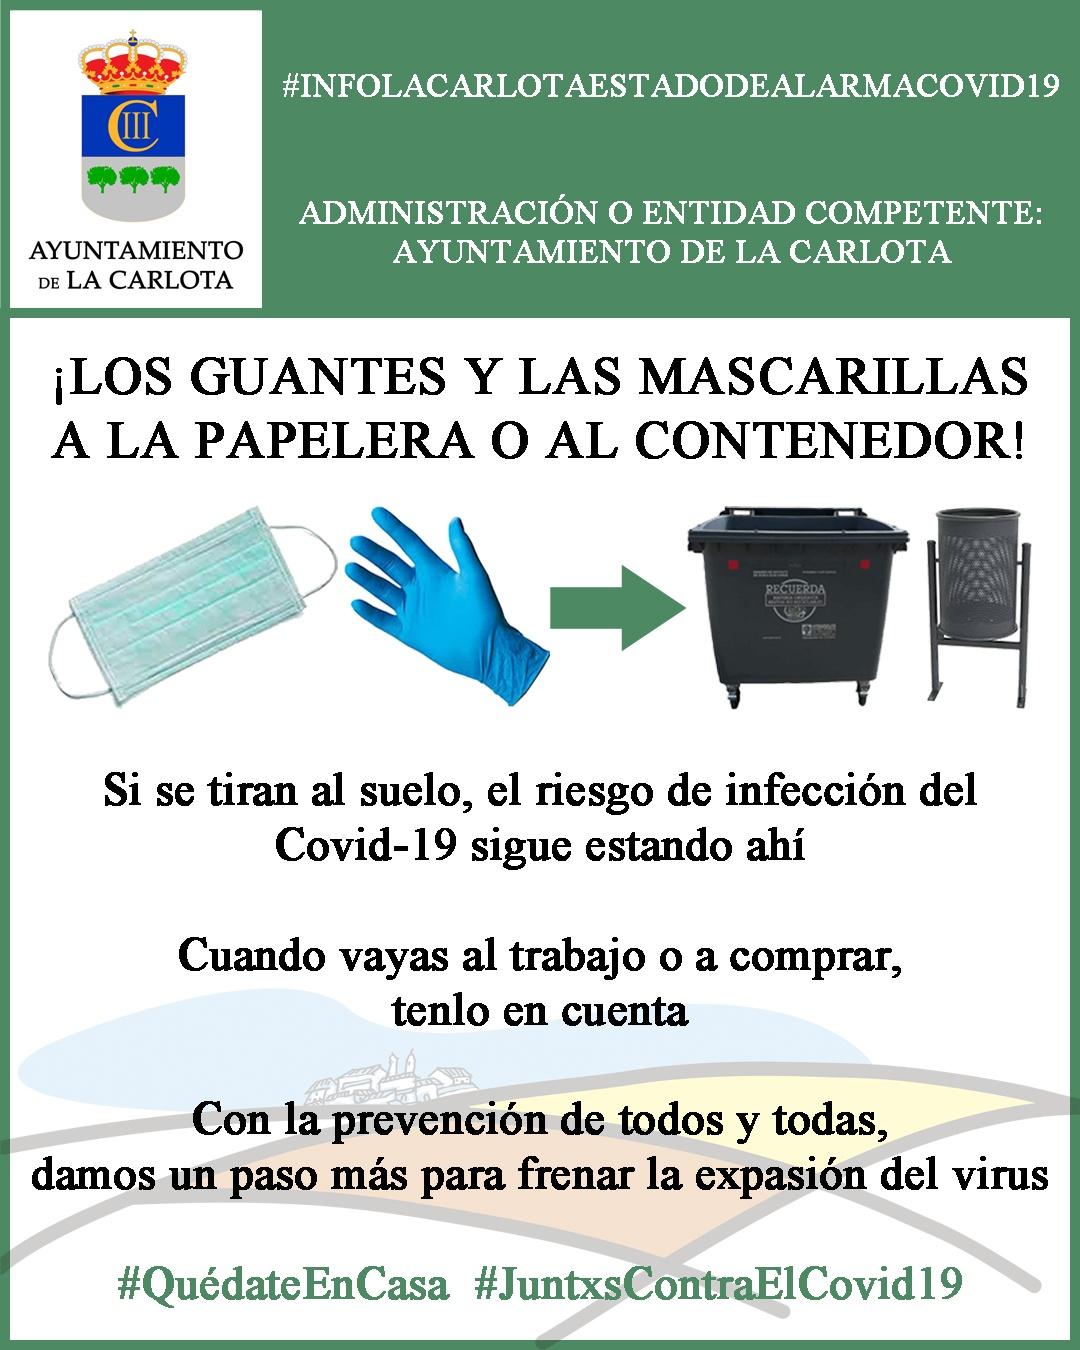 #INFOLACARLOTAESTADODEALARMACOVID19 ¡LOS GUANTES Y LAS MASCARILLAS A LA PAPELERA O AL CONTENEDOR! 1